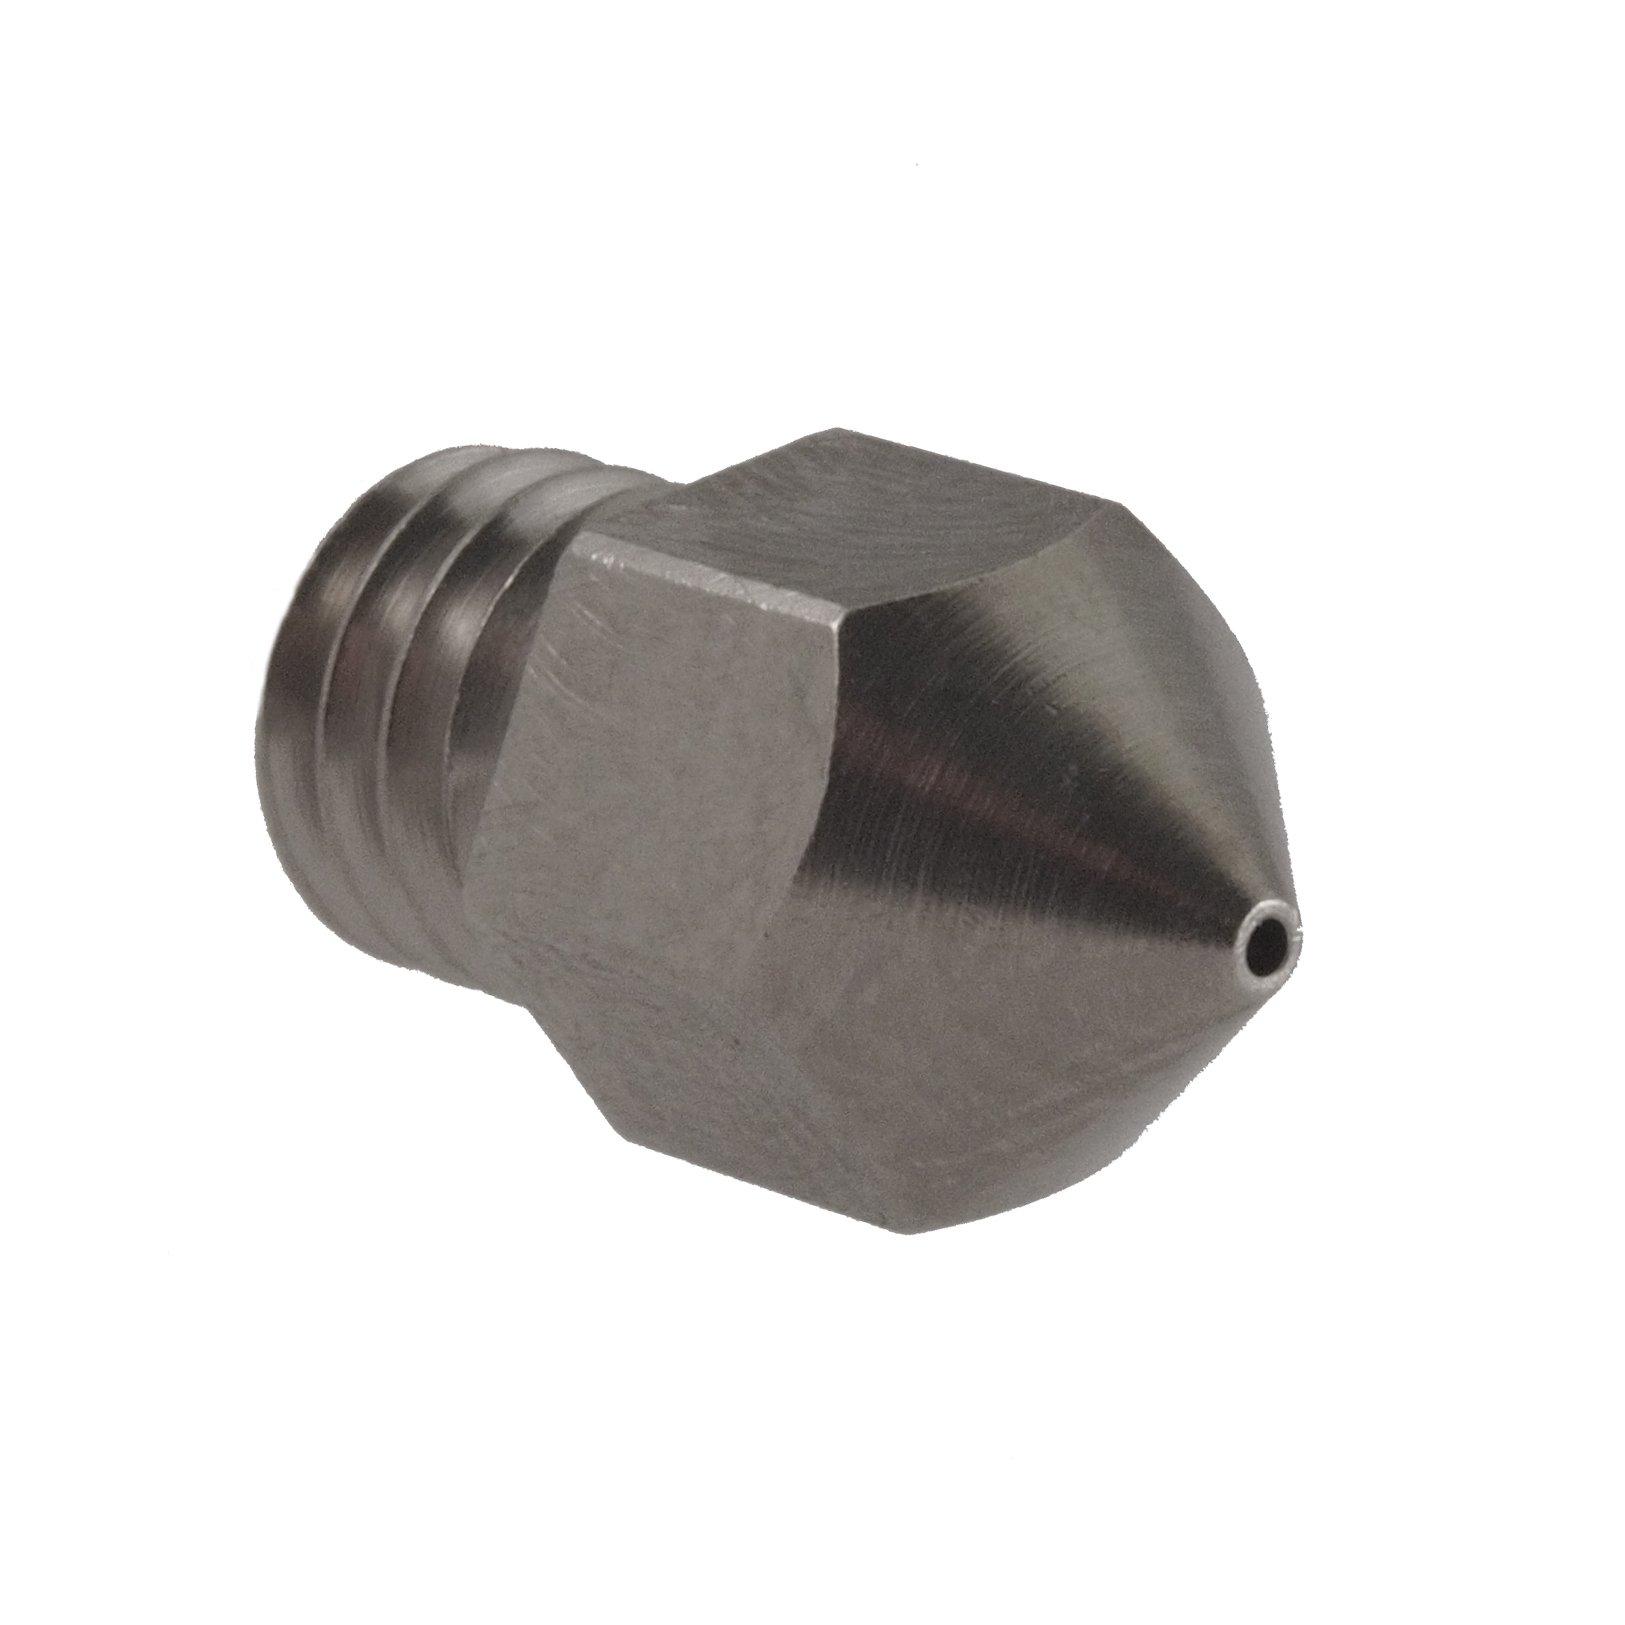 Micro Swiss HW NOZ MK8 06 Boquillas resistentes al desgaste